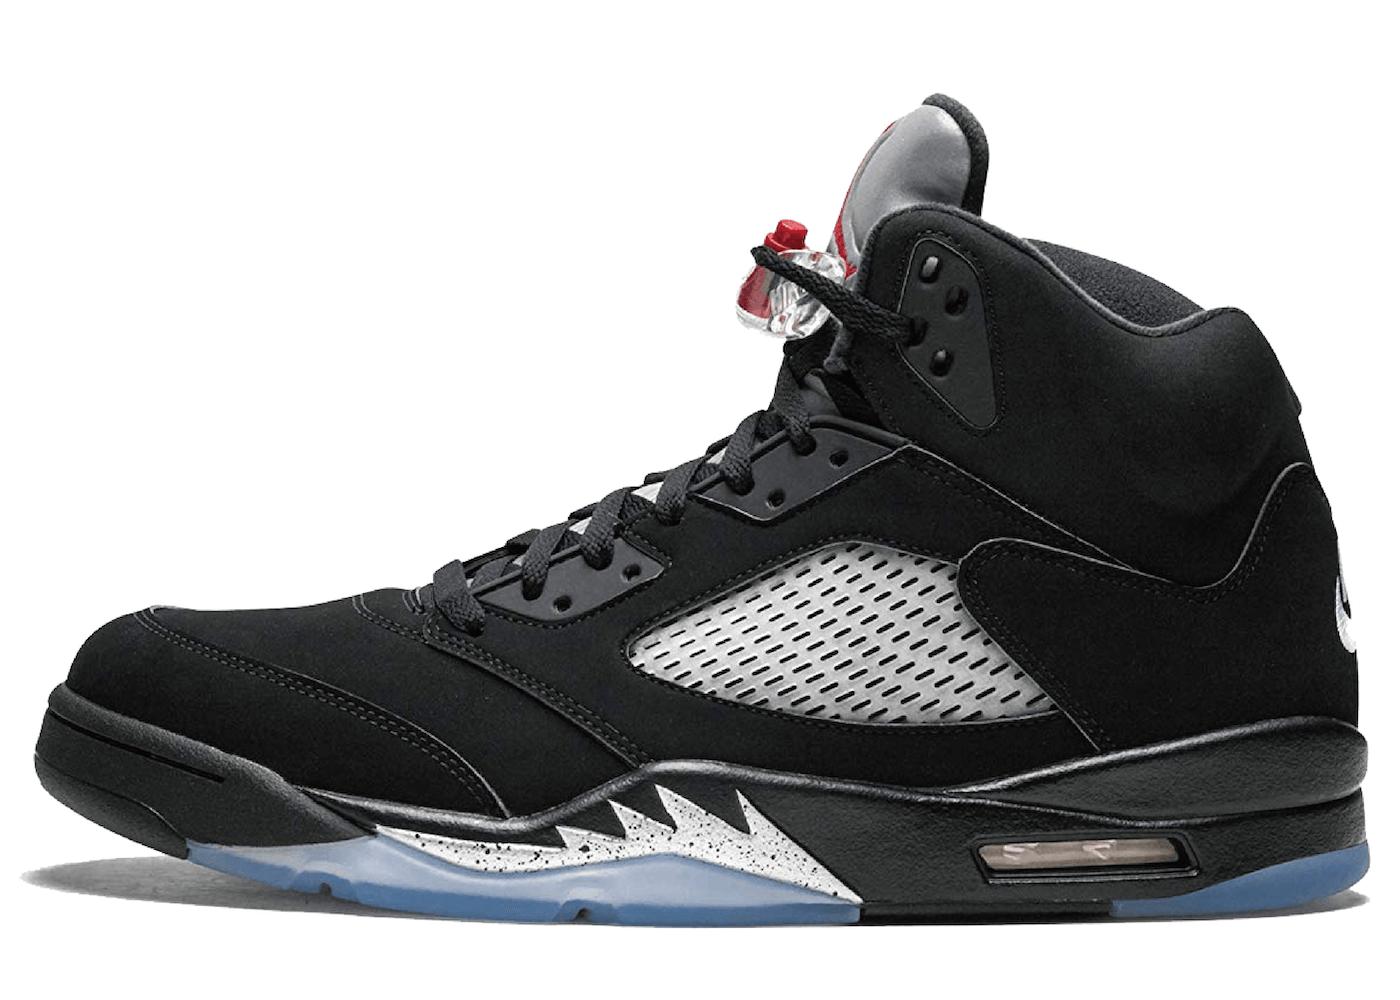 Nike Air Jordan 5 Retro Black Metallic (2016)の写真